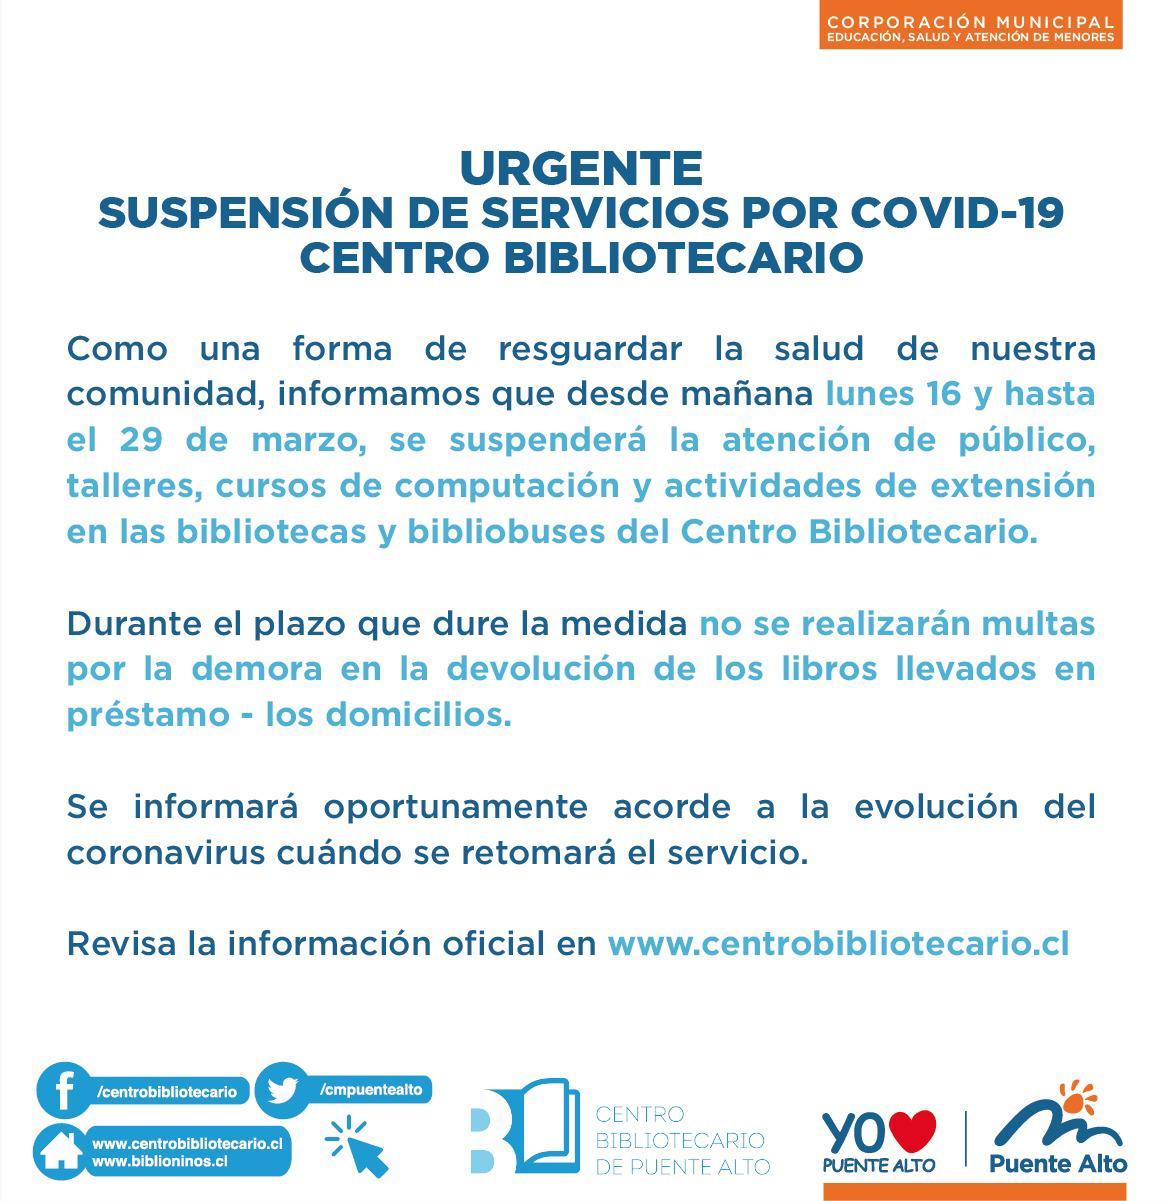 Urgente - Suspensión de servicios por COVID-19 - Centro Bibliotecario.